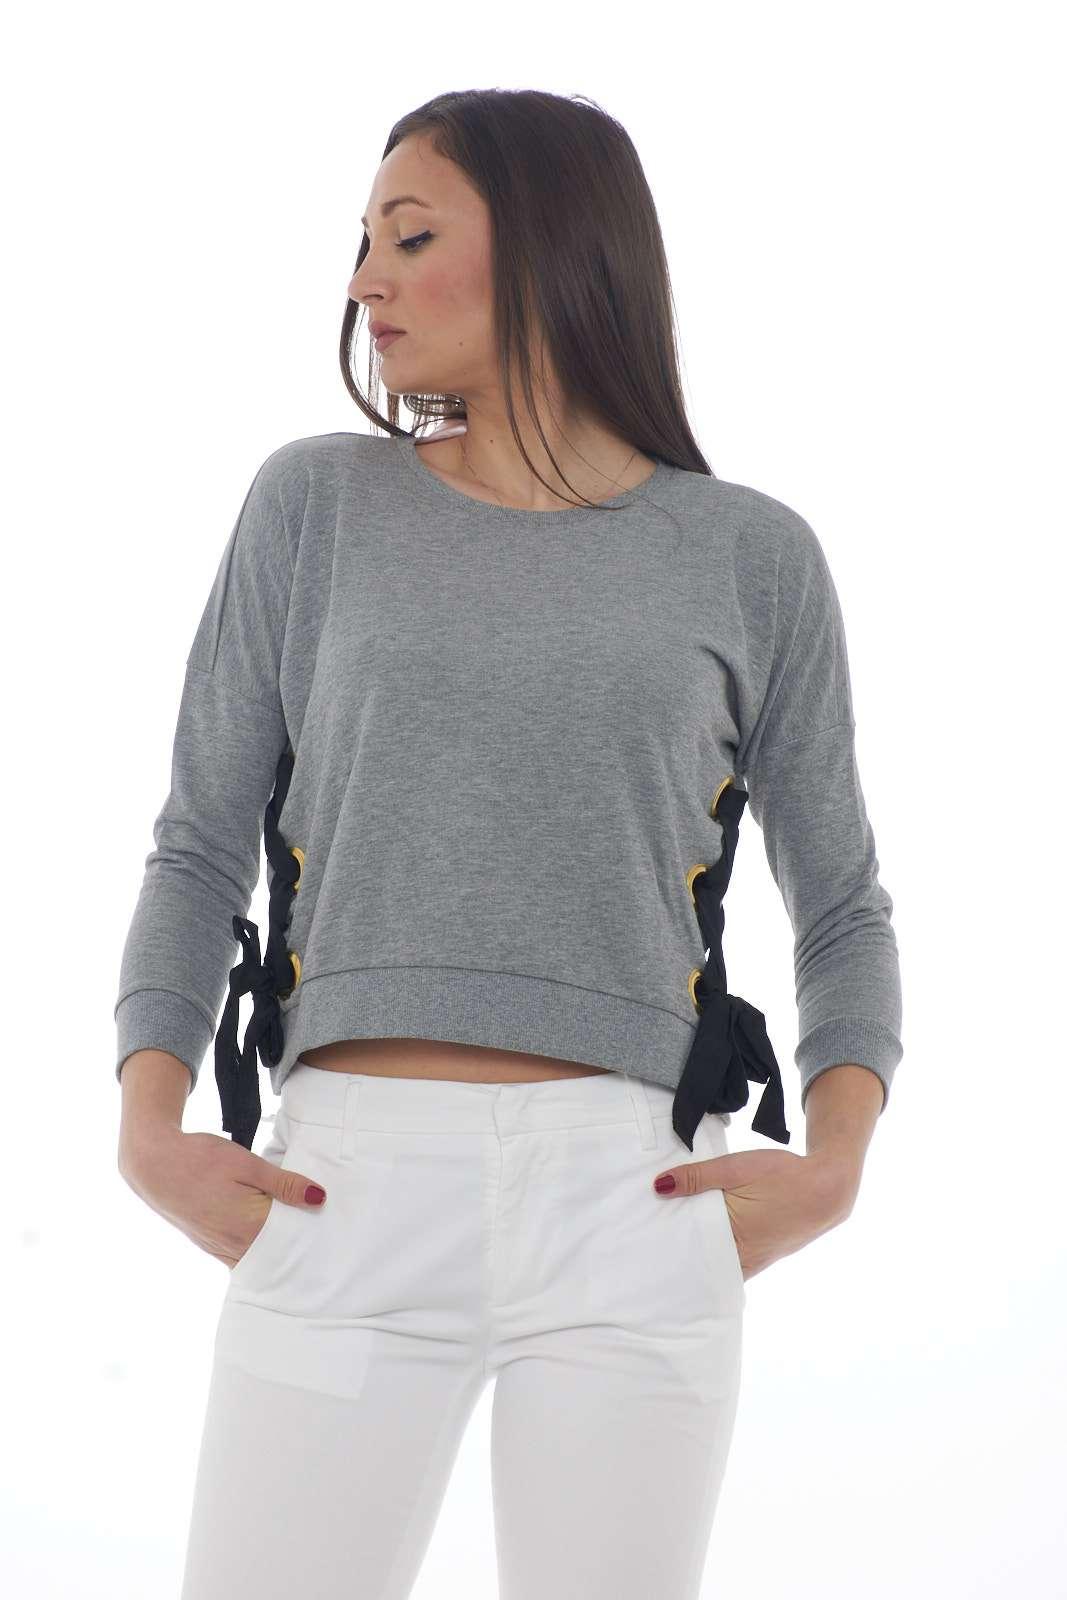 Una felpa dalla semplicità della linea e dai particolari di spicco quella proposta dalla collezione Silvian Heach. I corsetti laterali con nastri in gros grain la caratterizzano per un risultato unico. Con un jeans o con una maxi gonna è un'icona.